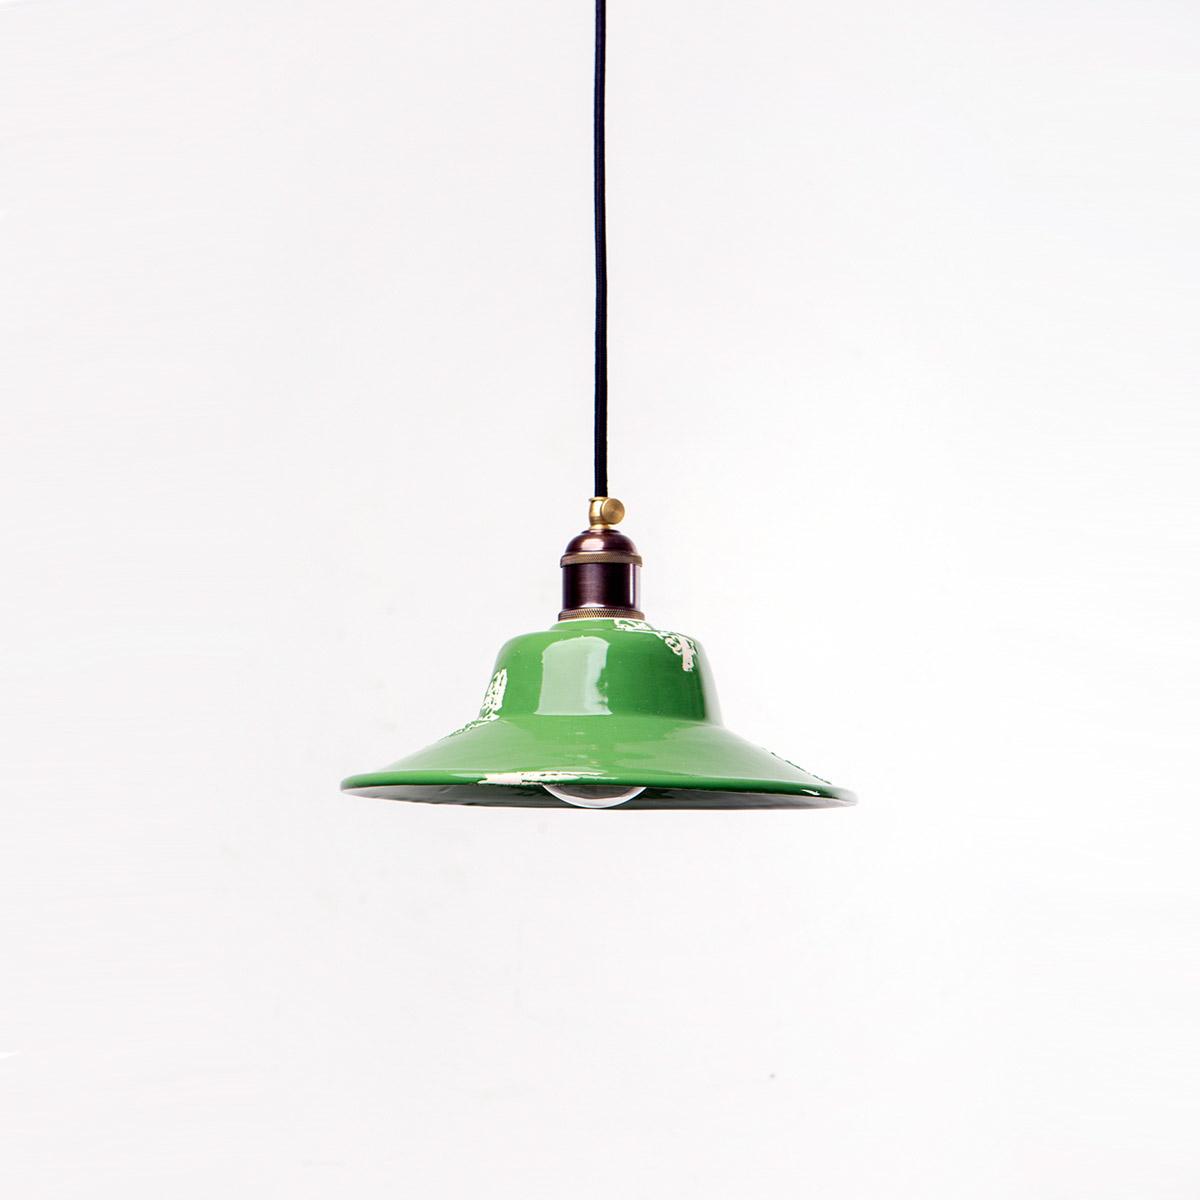 Потолочный светильник 4256 керамический зеленый